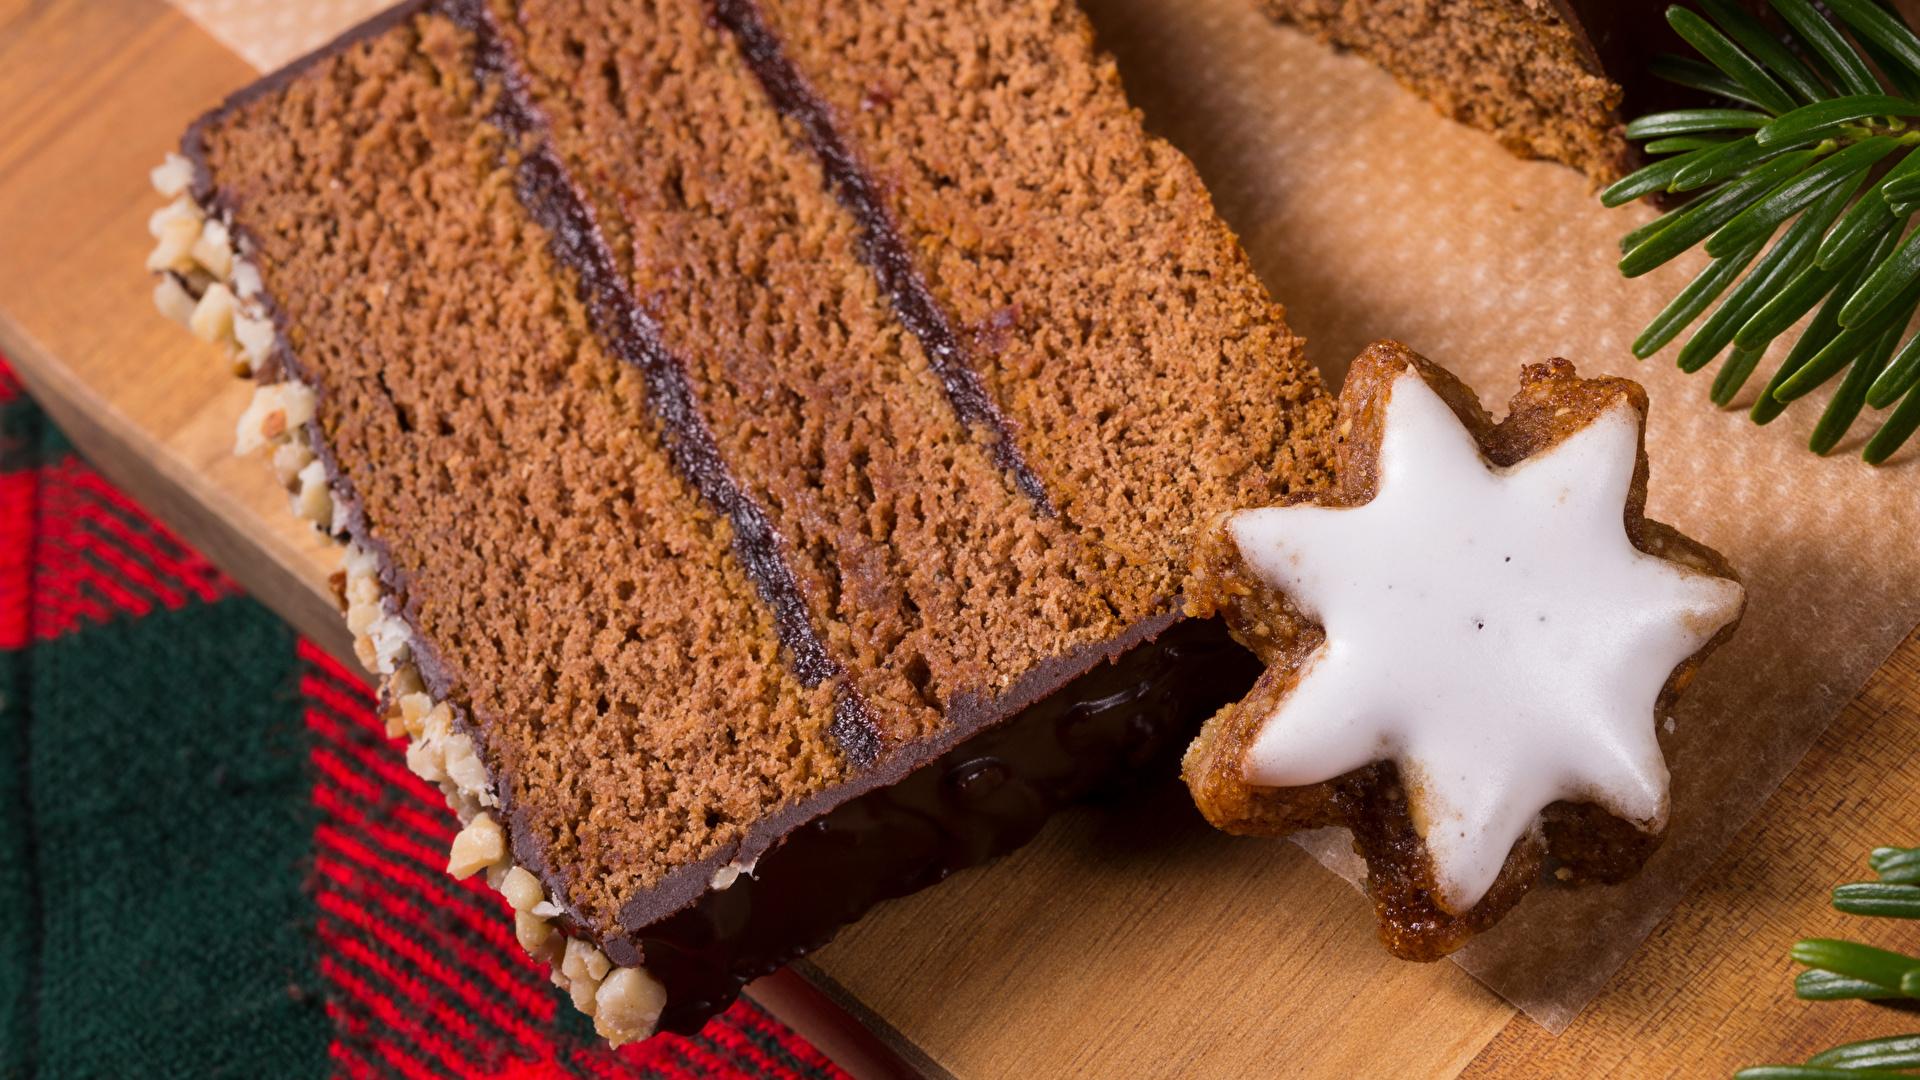 Картинка Новый год Шоколад Торты Кусок Пища Печенье Выпечка 1920x1080 Рождество часть кусочки кусочек Еда Продукты питания